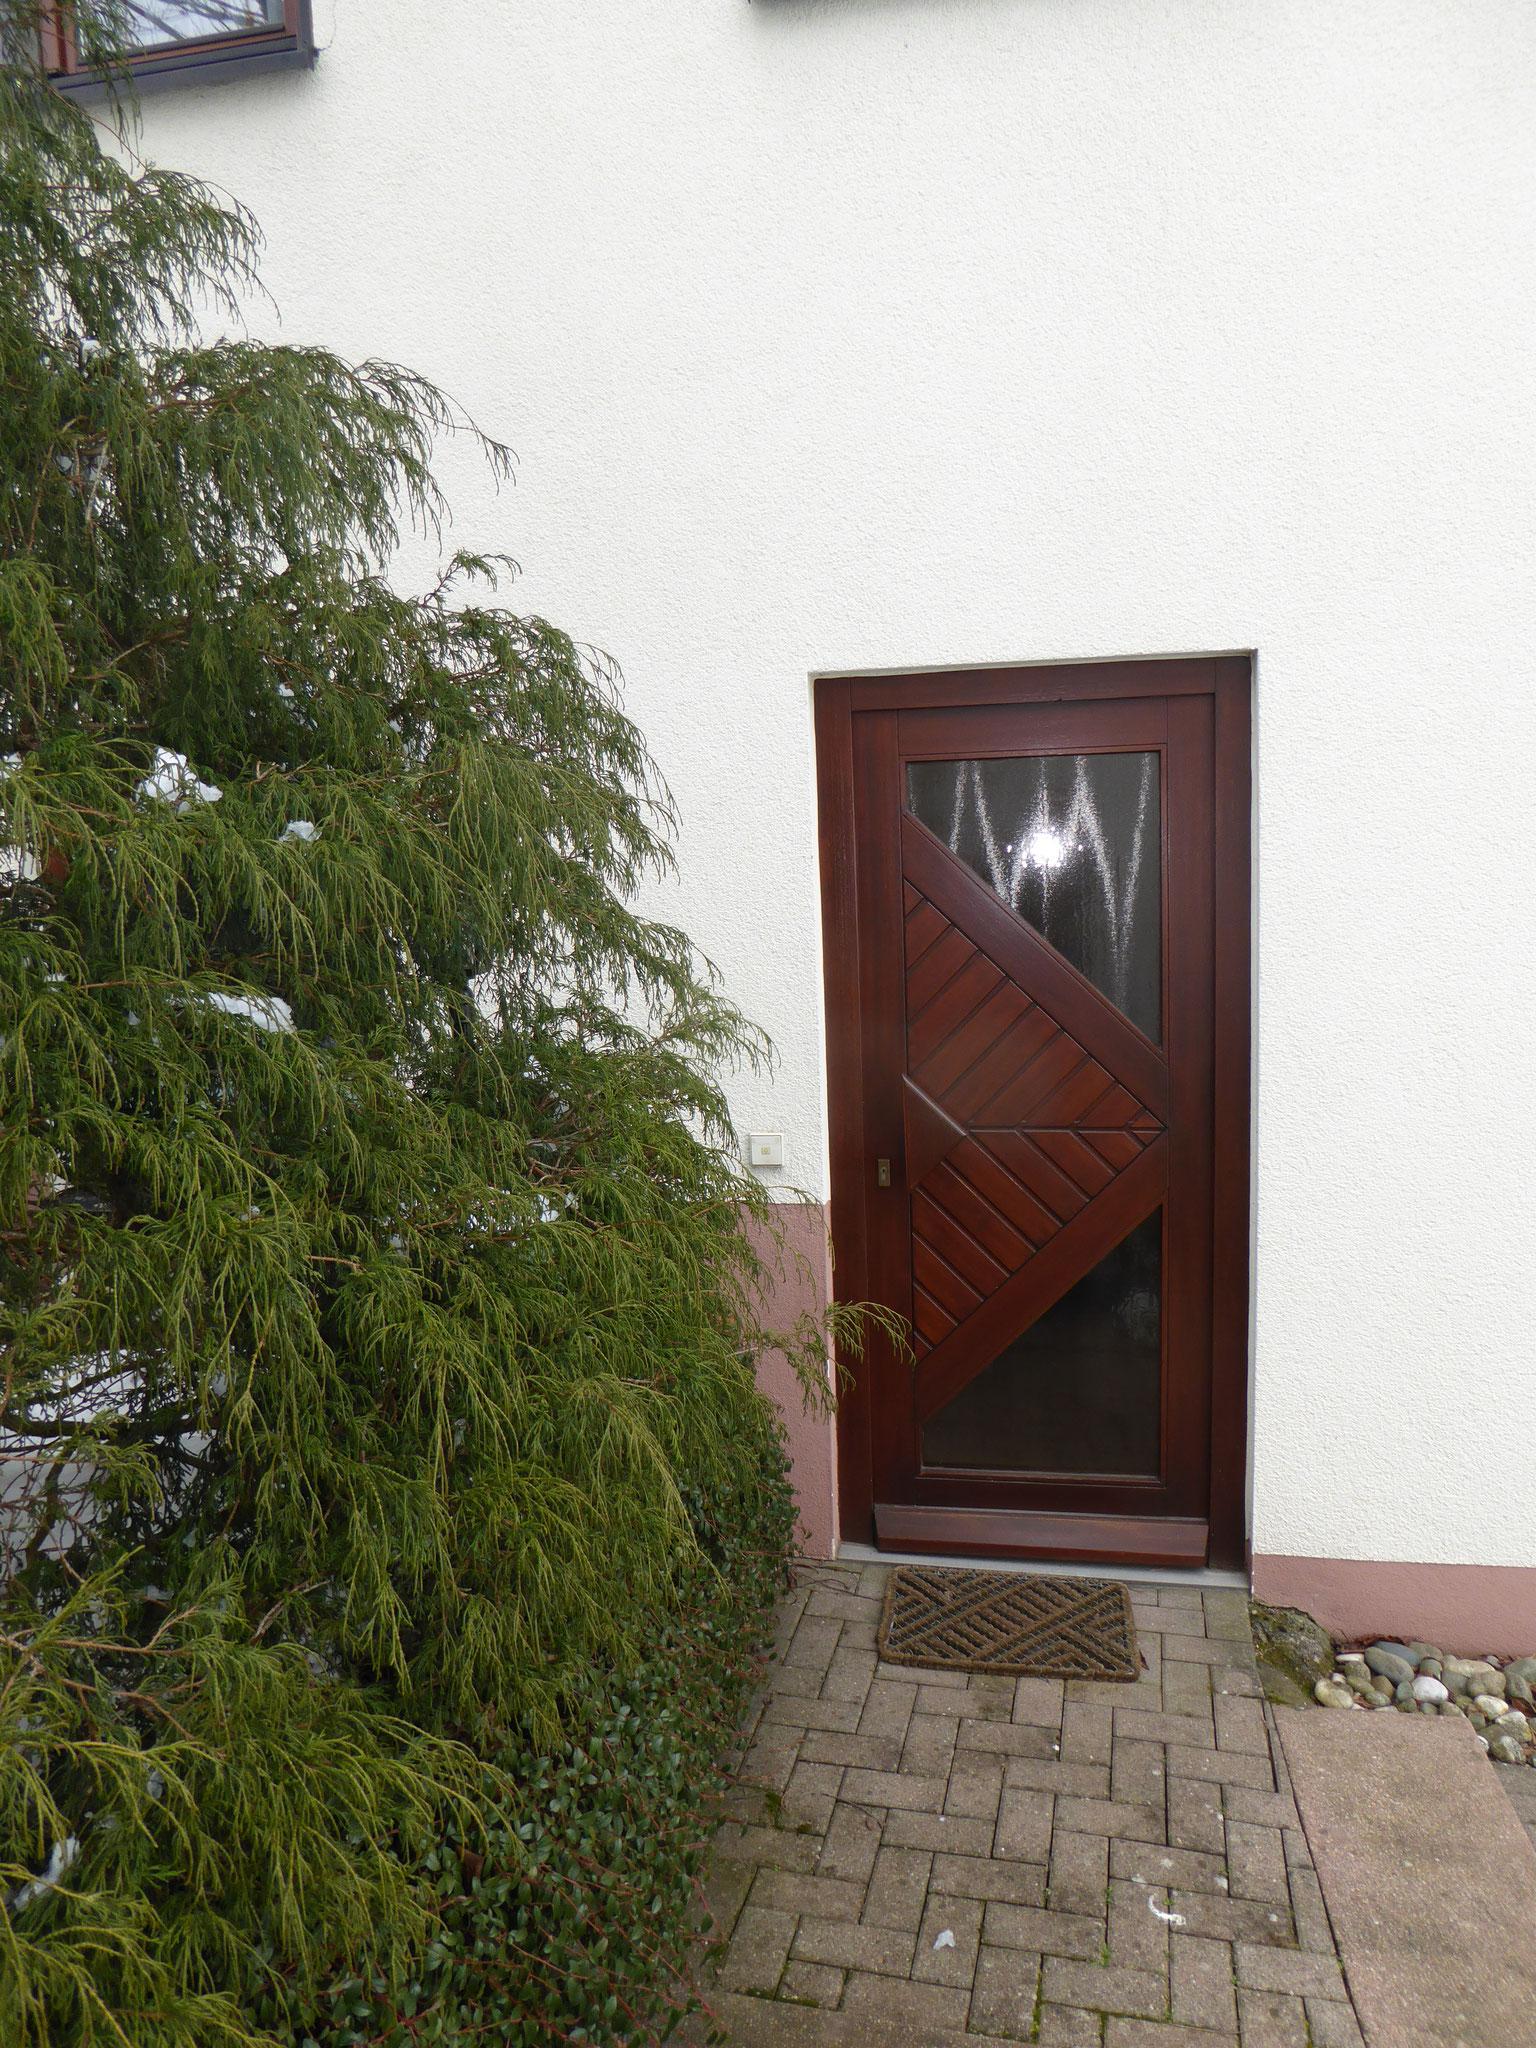 Rechts neben dem Haus führen Treppen zum Studio Eingang